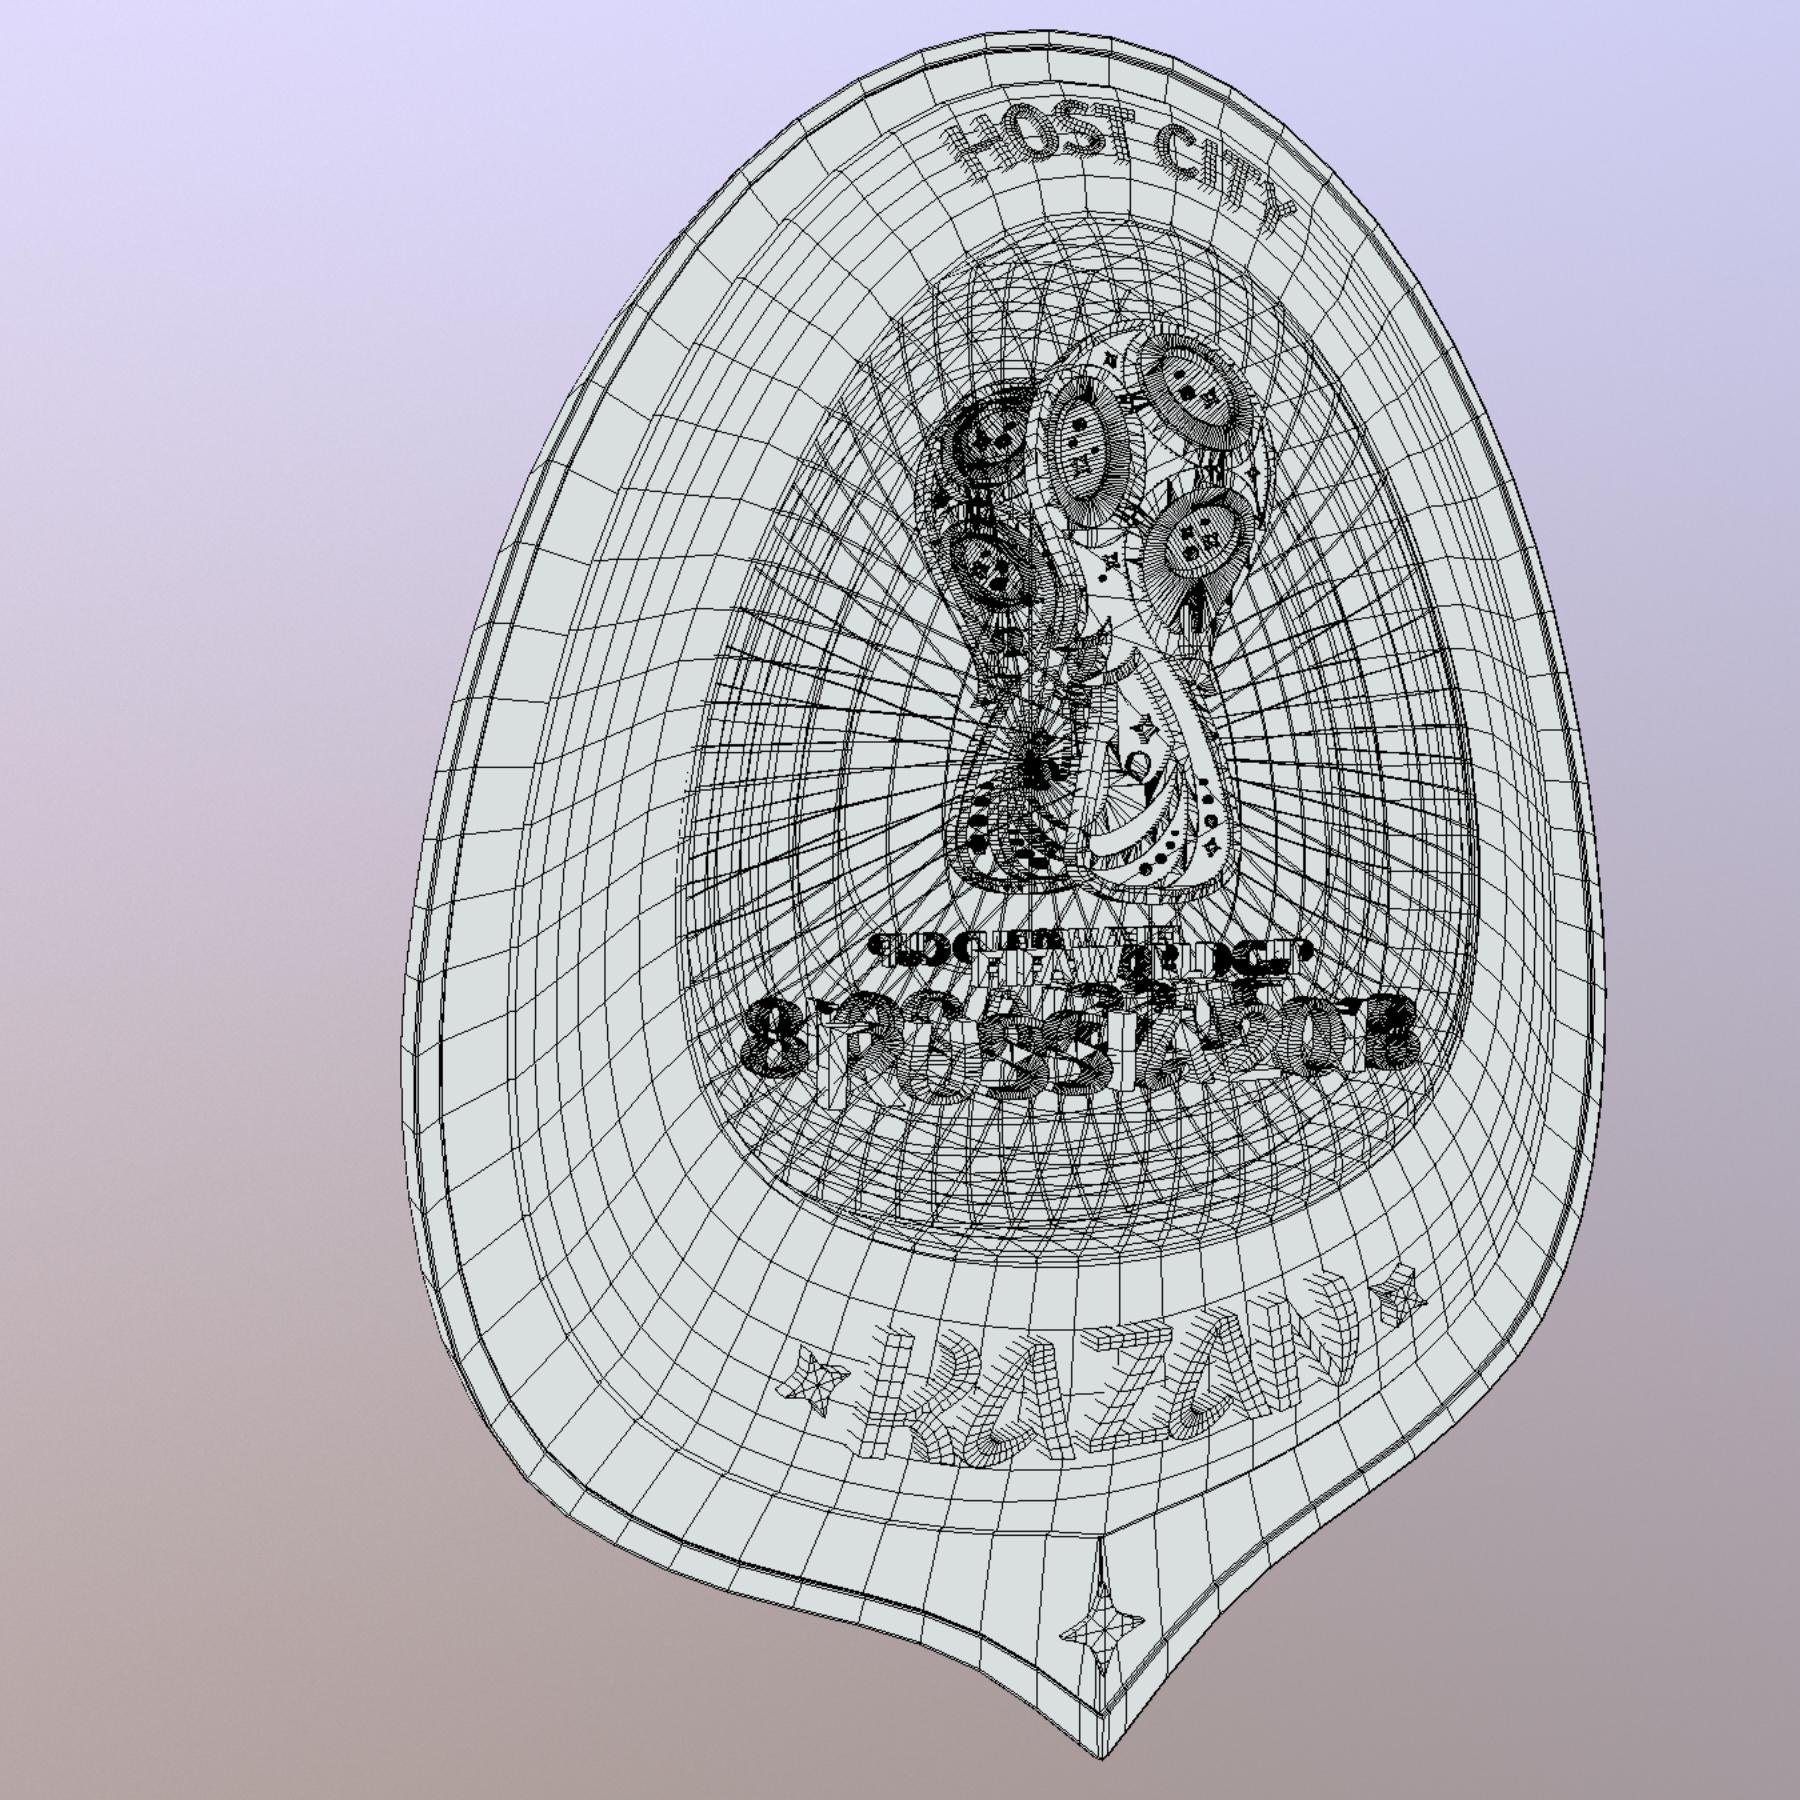 kazan host city world cup russia 2018 symbol 3d model max  fbx jpeg jpg ma mb obj 271705